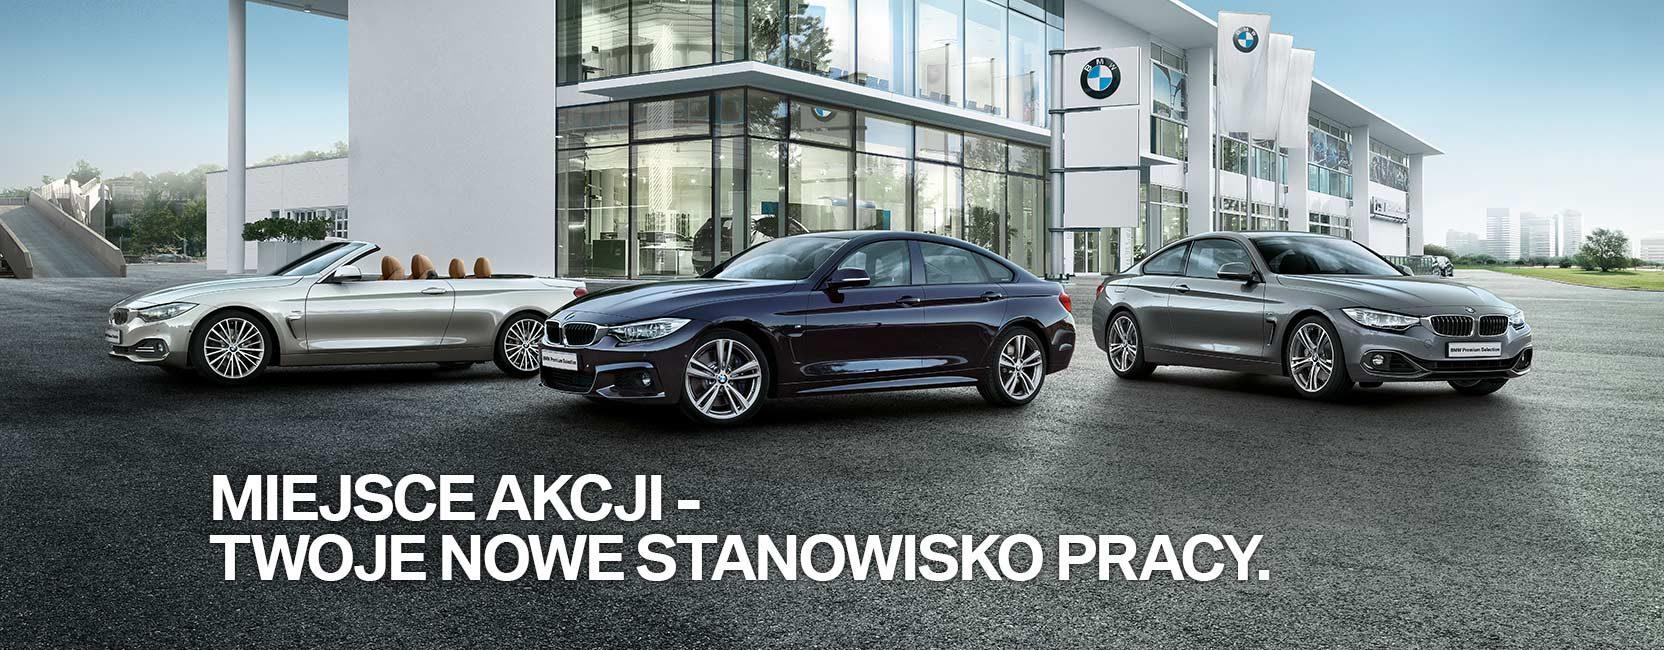 Praca u dealera BMW